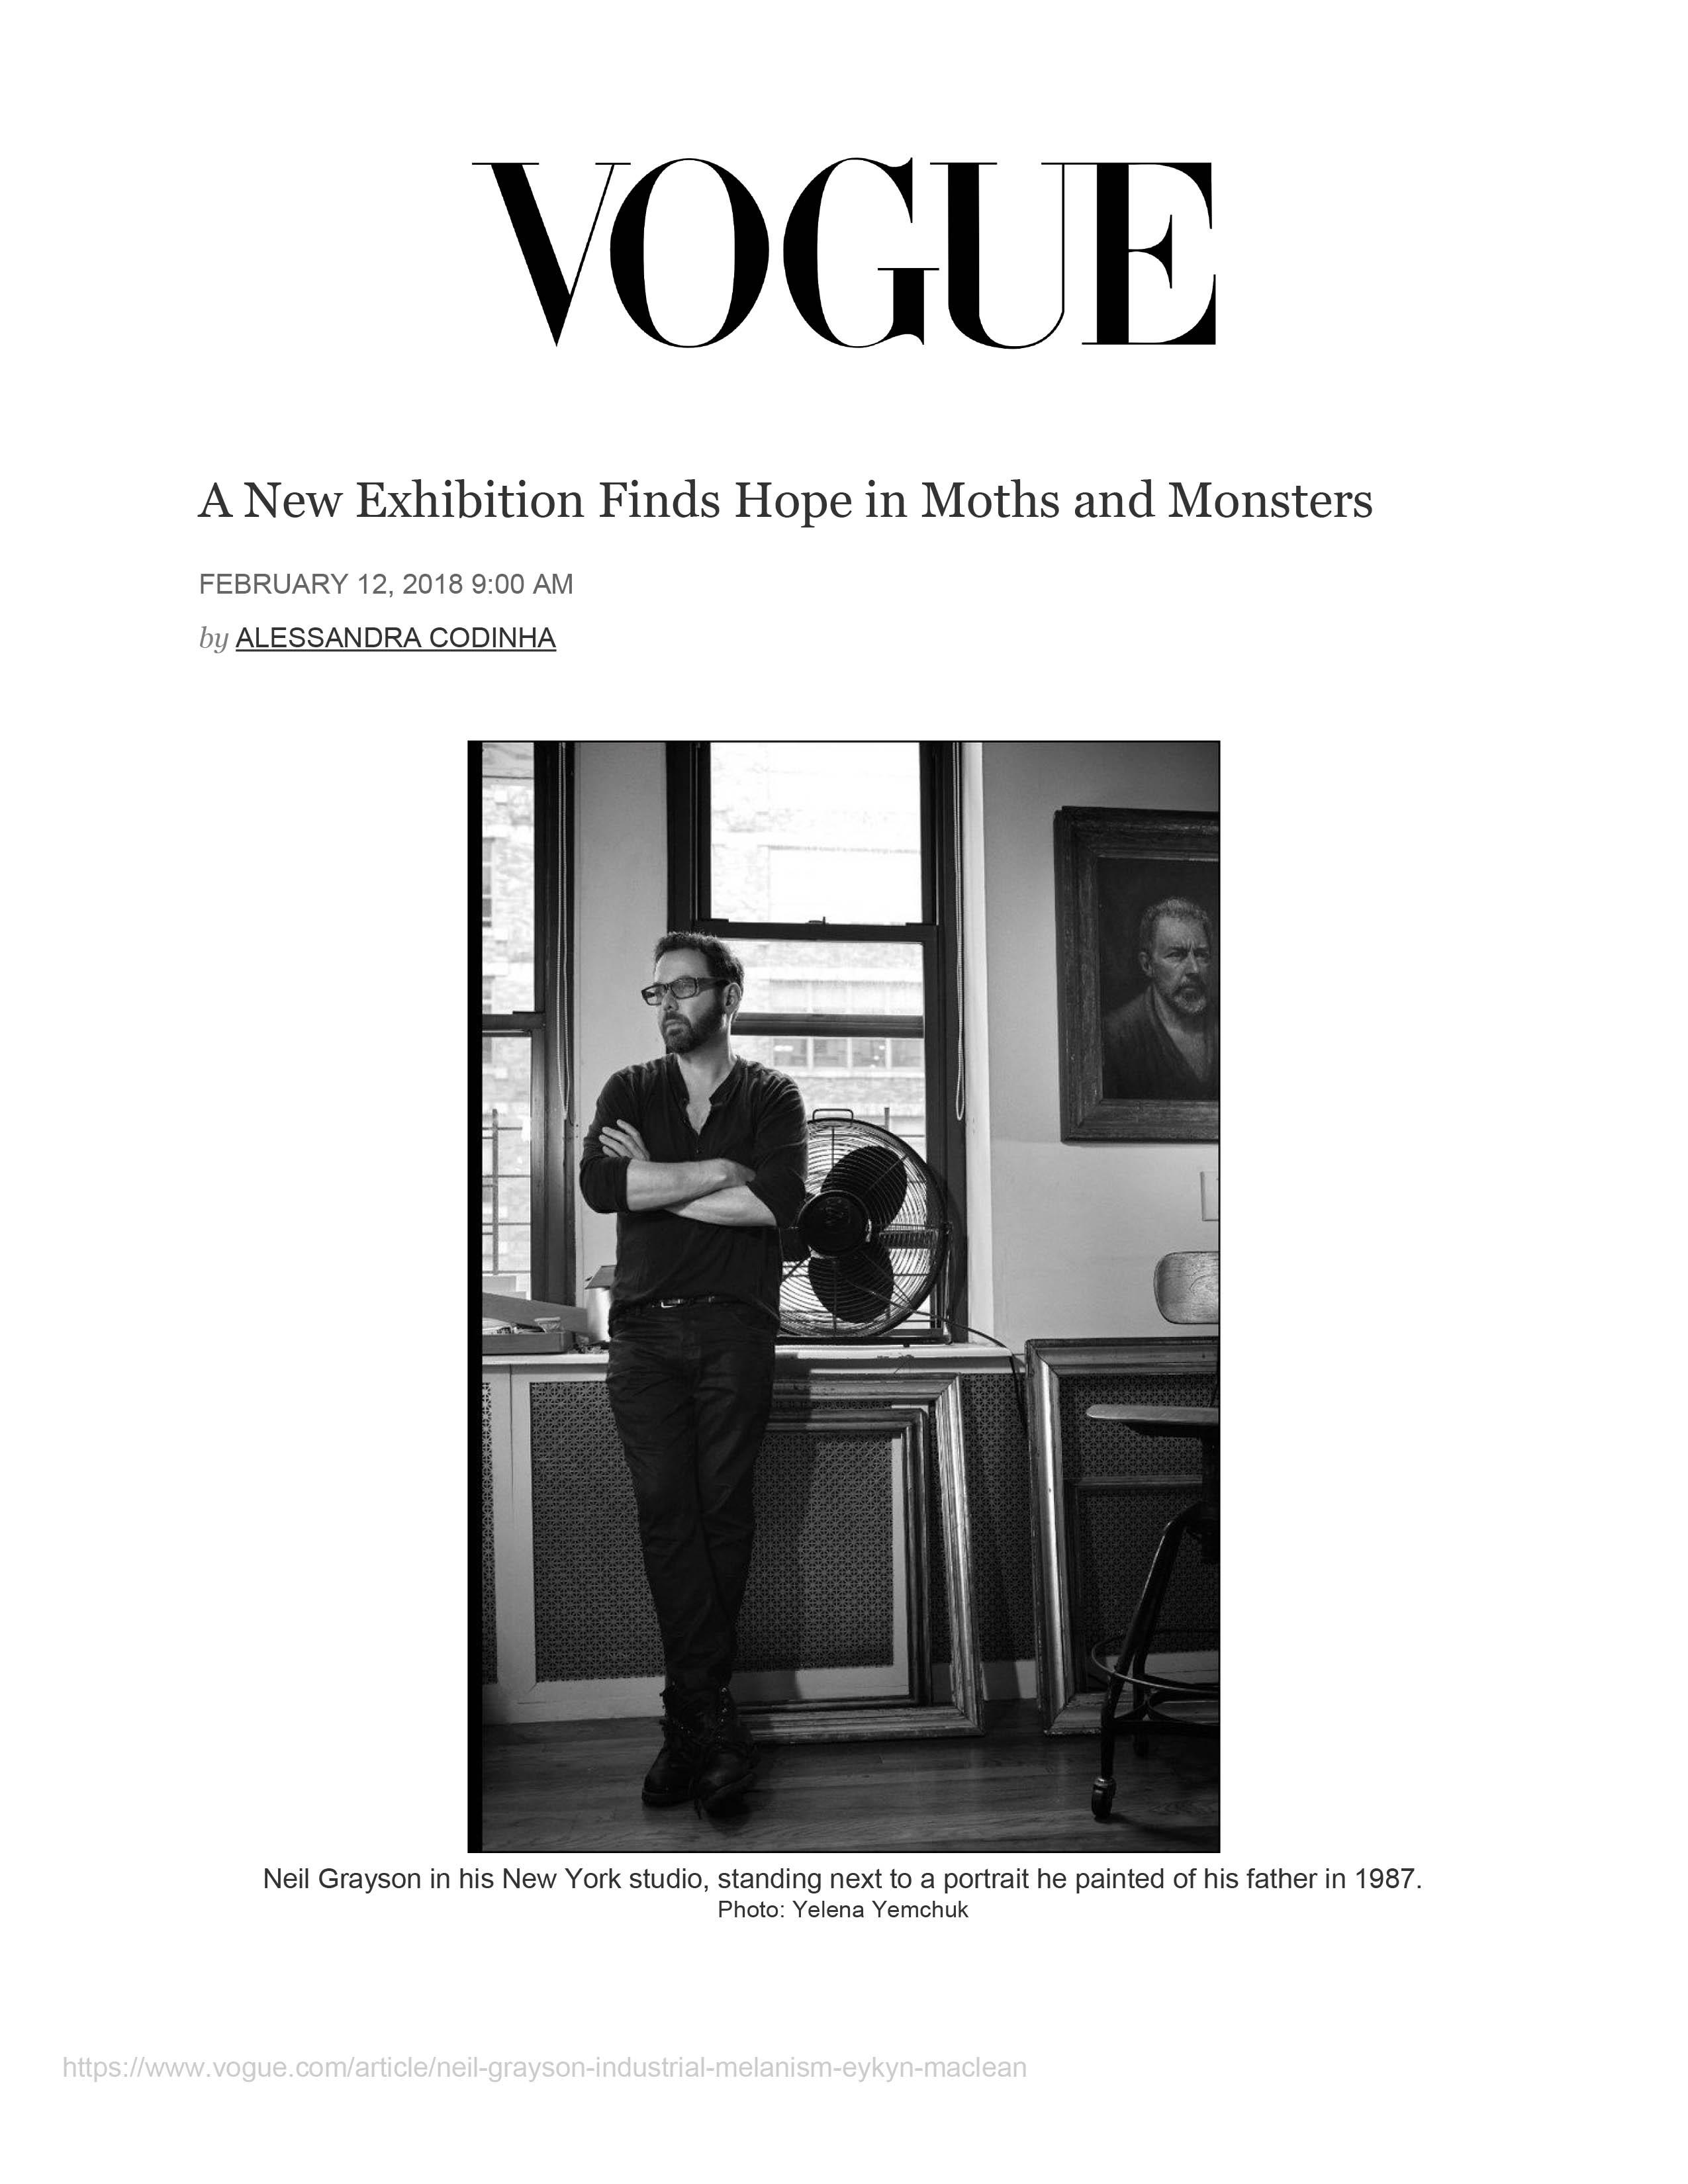 Vogue_Grayson_2018-1